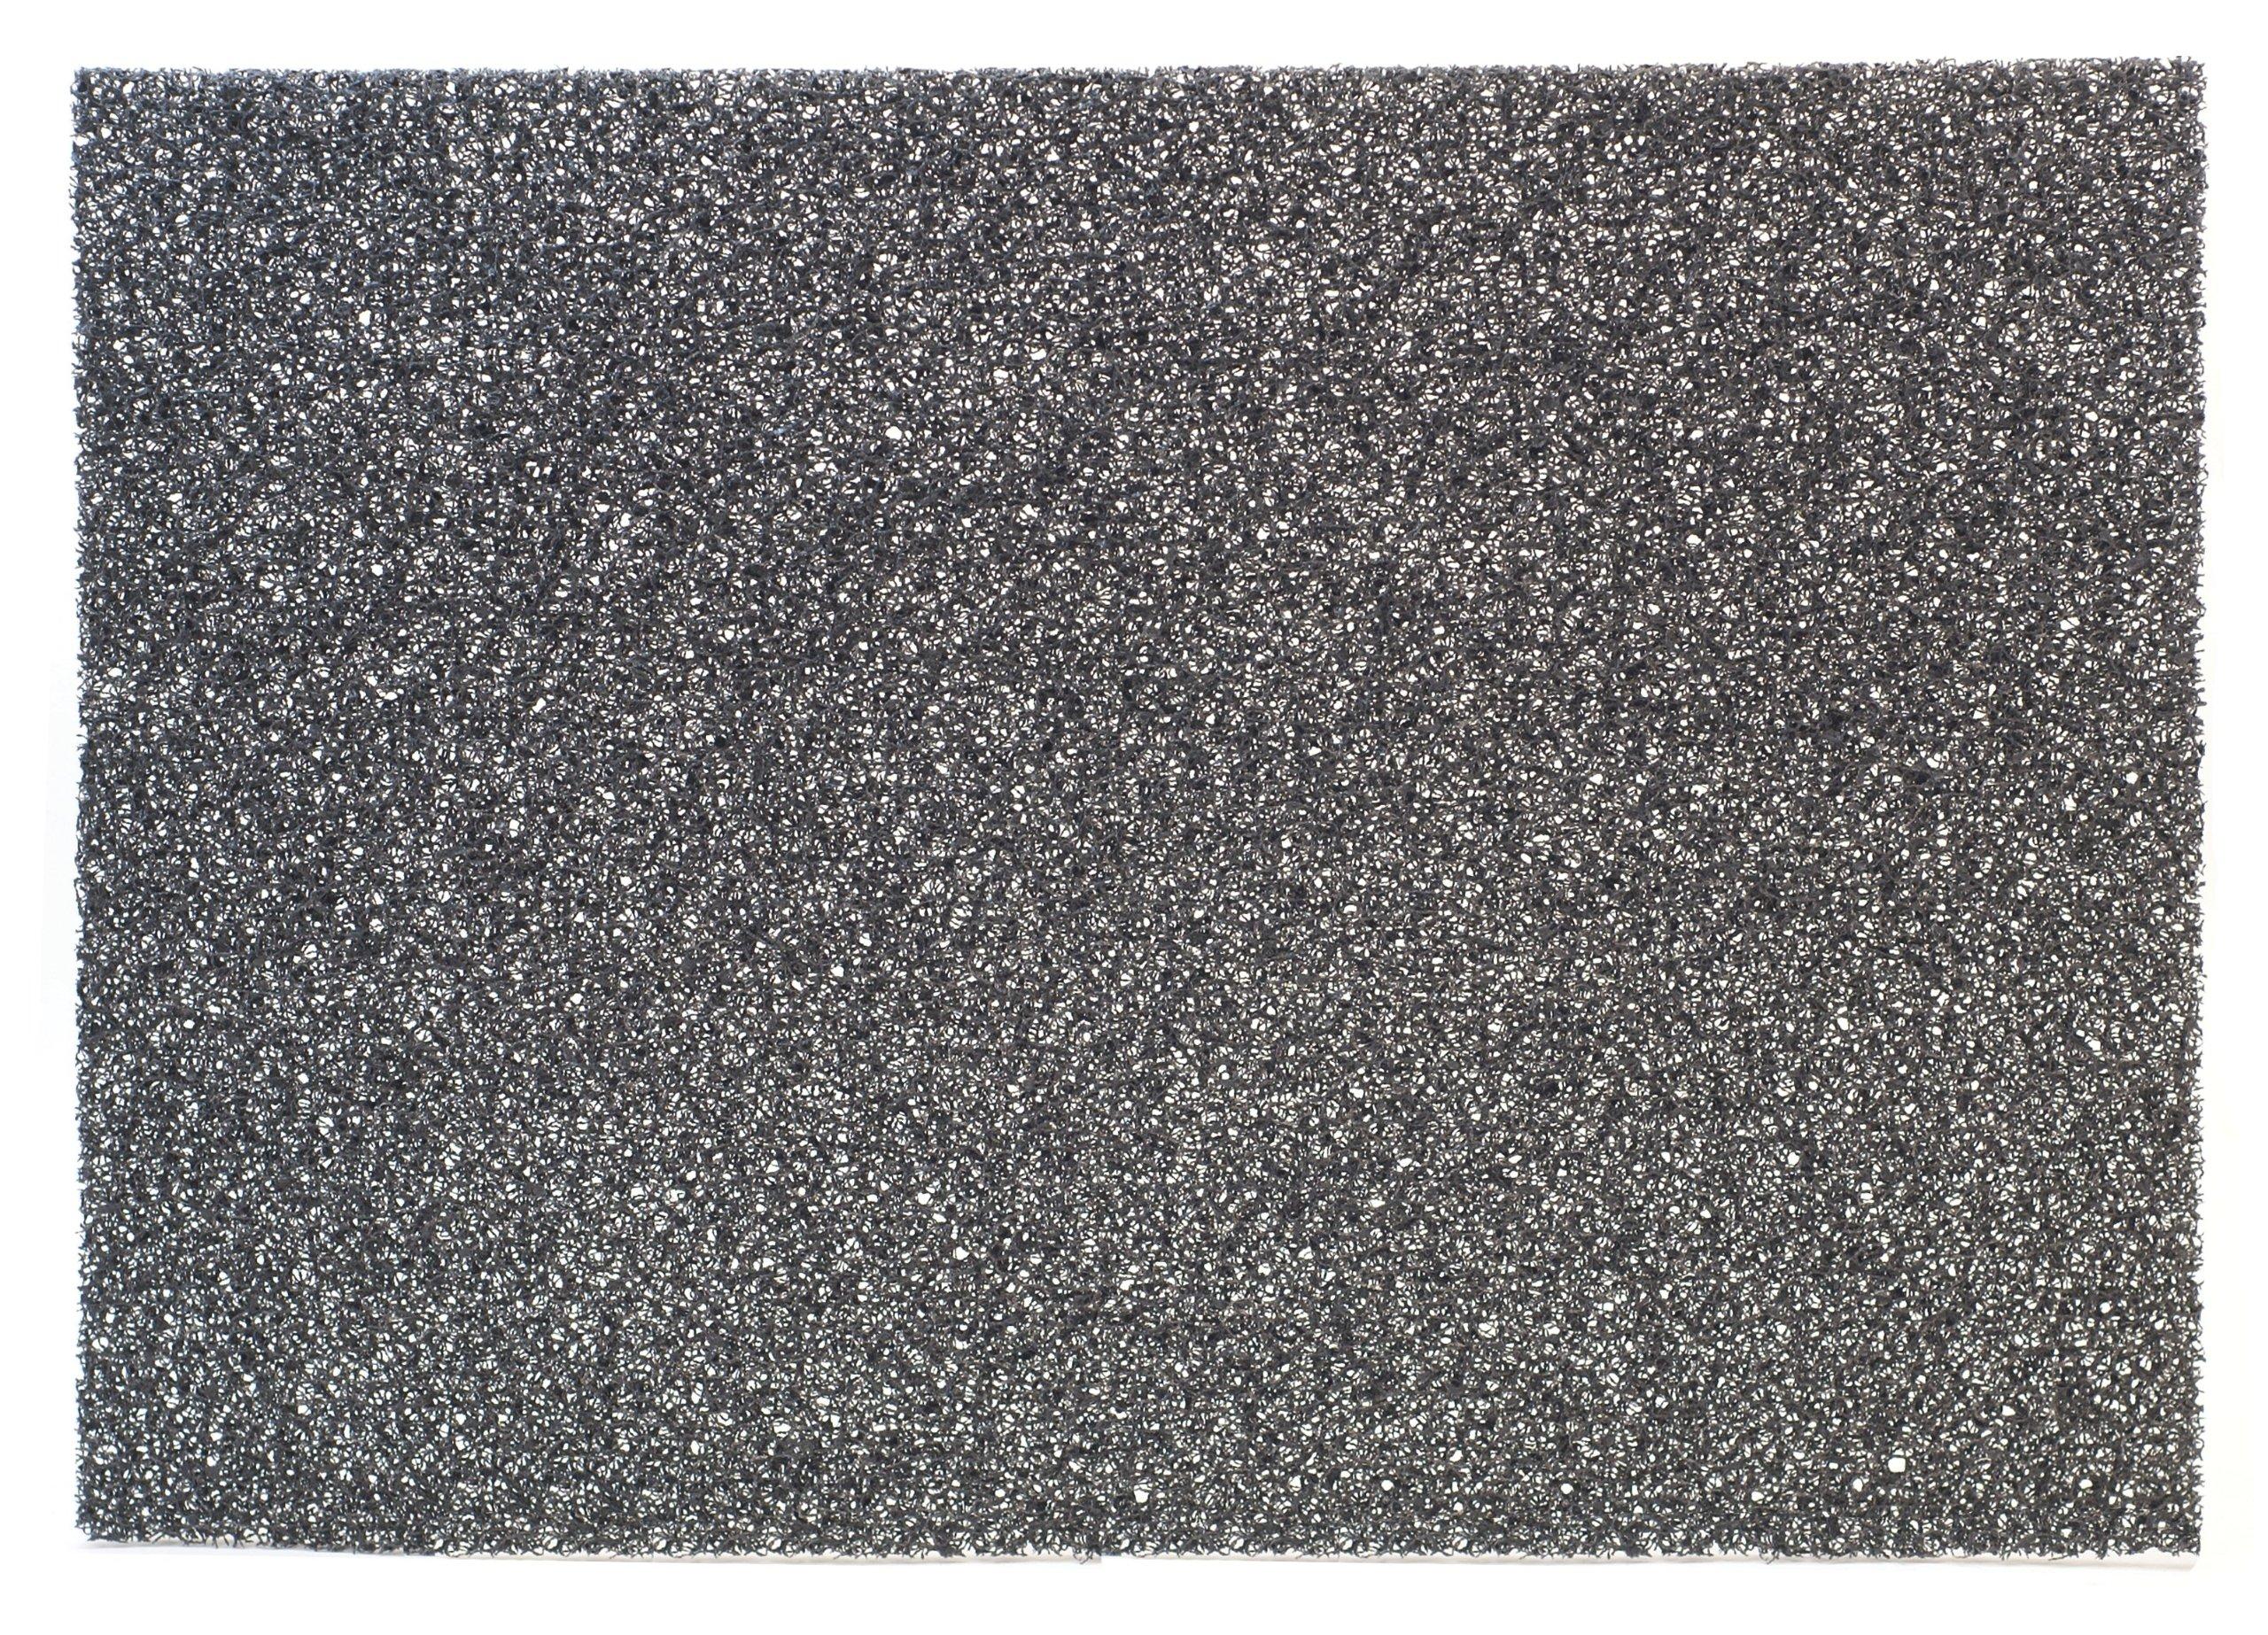 3M Black Stripper Pad 7200, 20'' x 14'' (Case of 10)